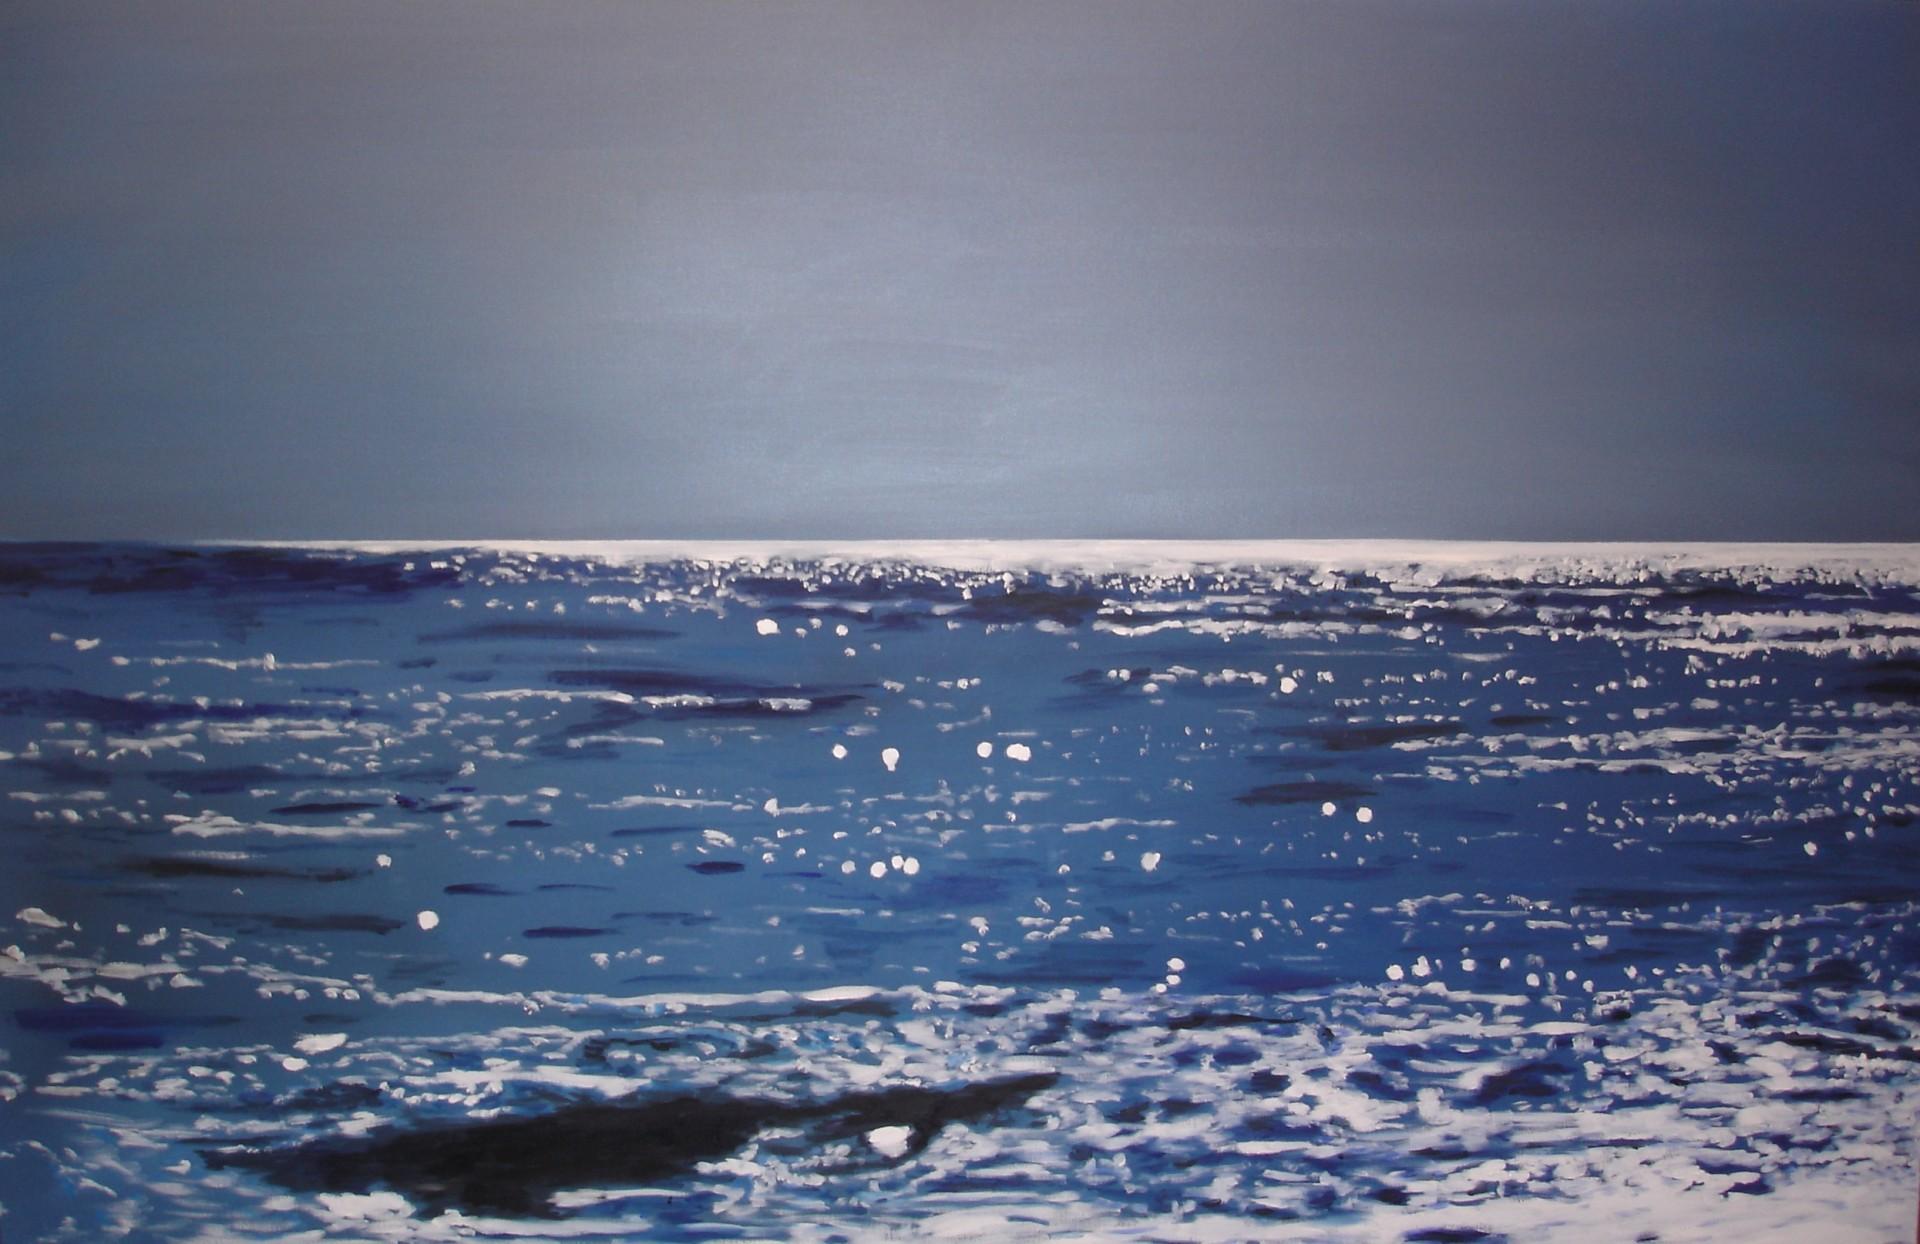 Swakop Lichtleicht, 2013, Öl auf Leinwand, 100 x 155 cm, sold